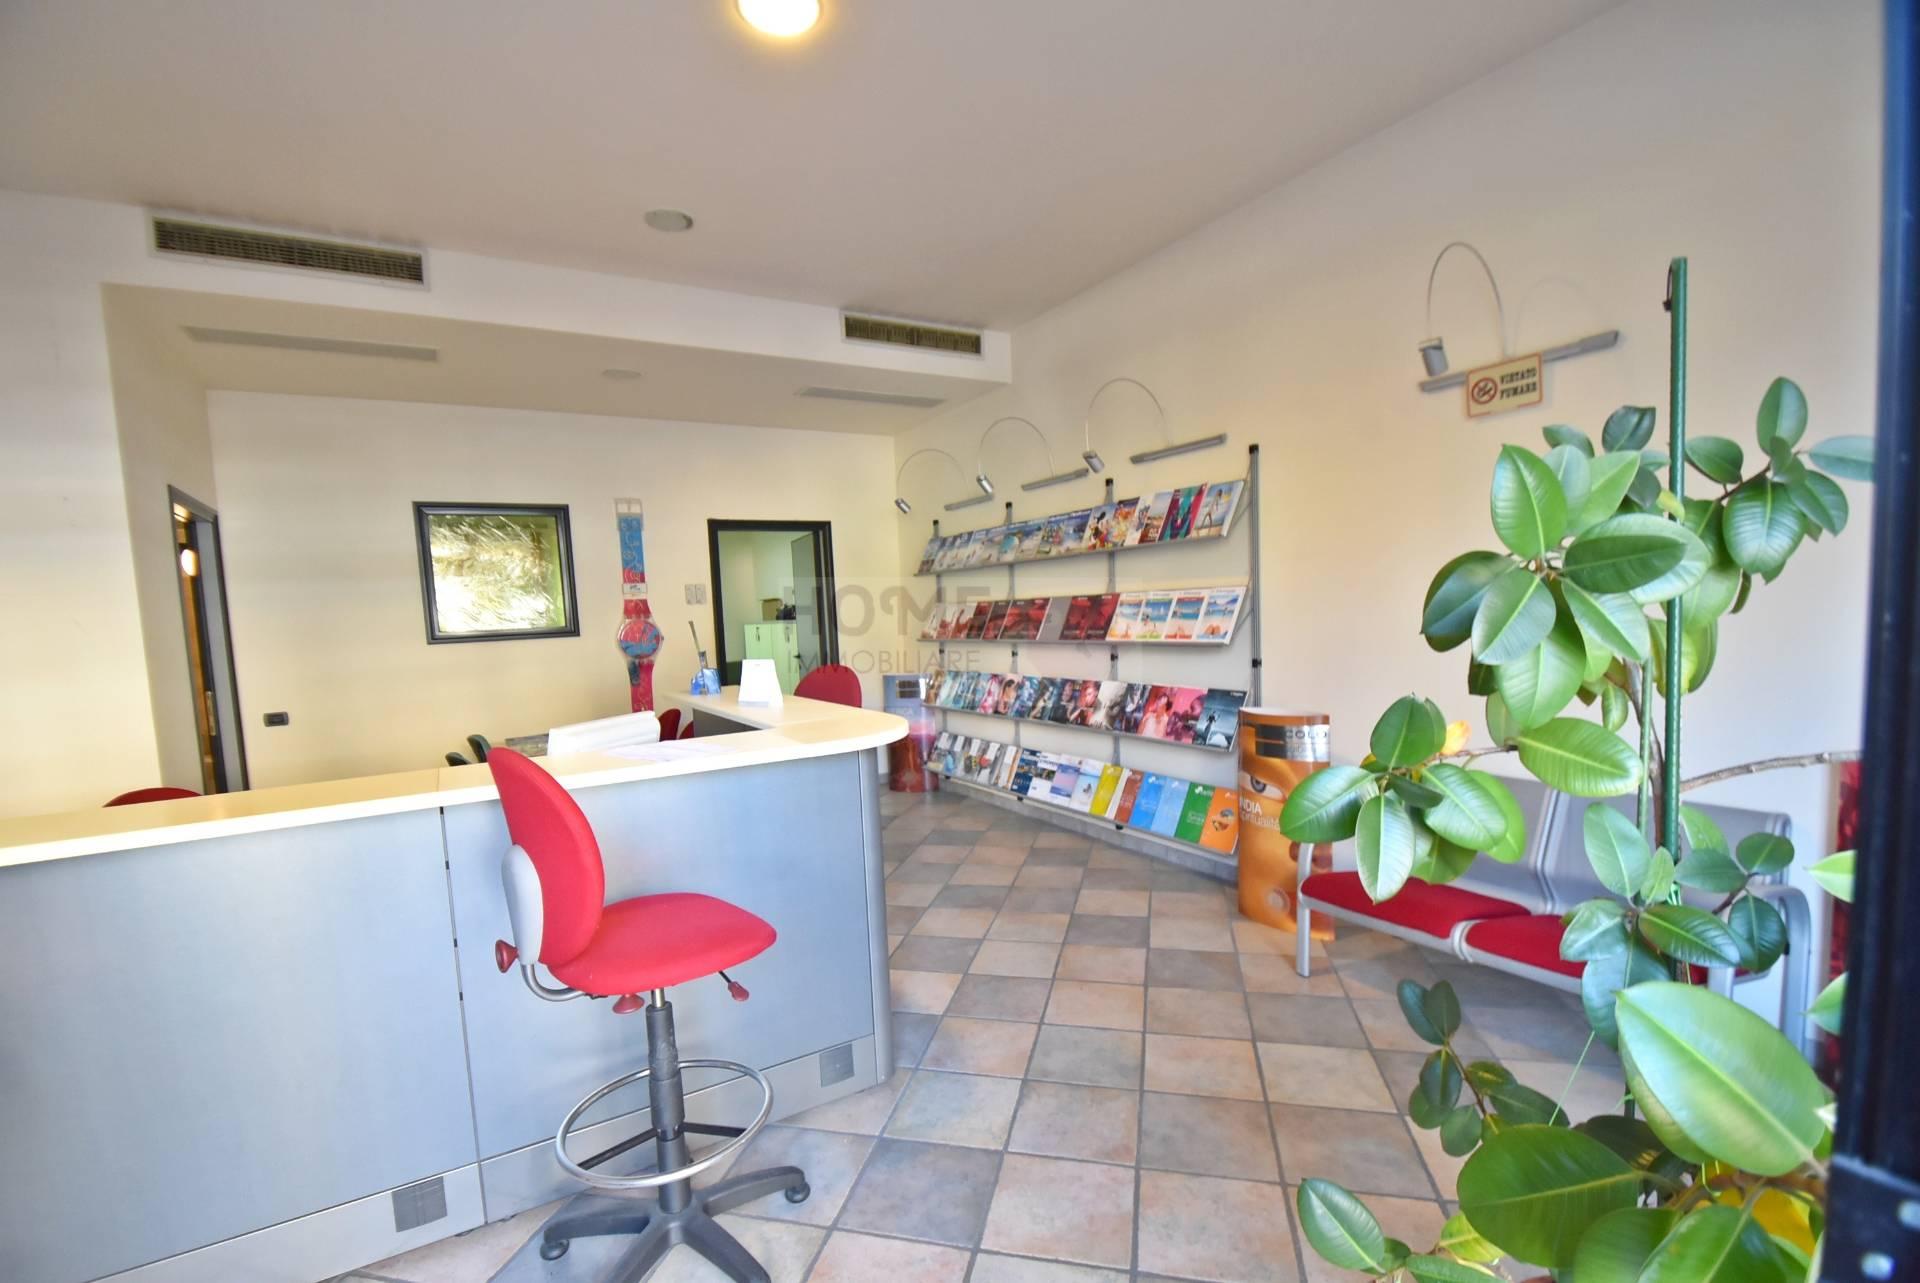 Negozio / Locale in vendita a Macerata, 9999 locali, zona Località: ZonaStadio, prezzo € 55.000 | Cambio Casa.it